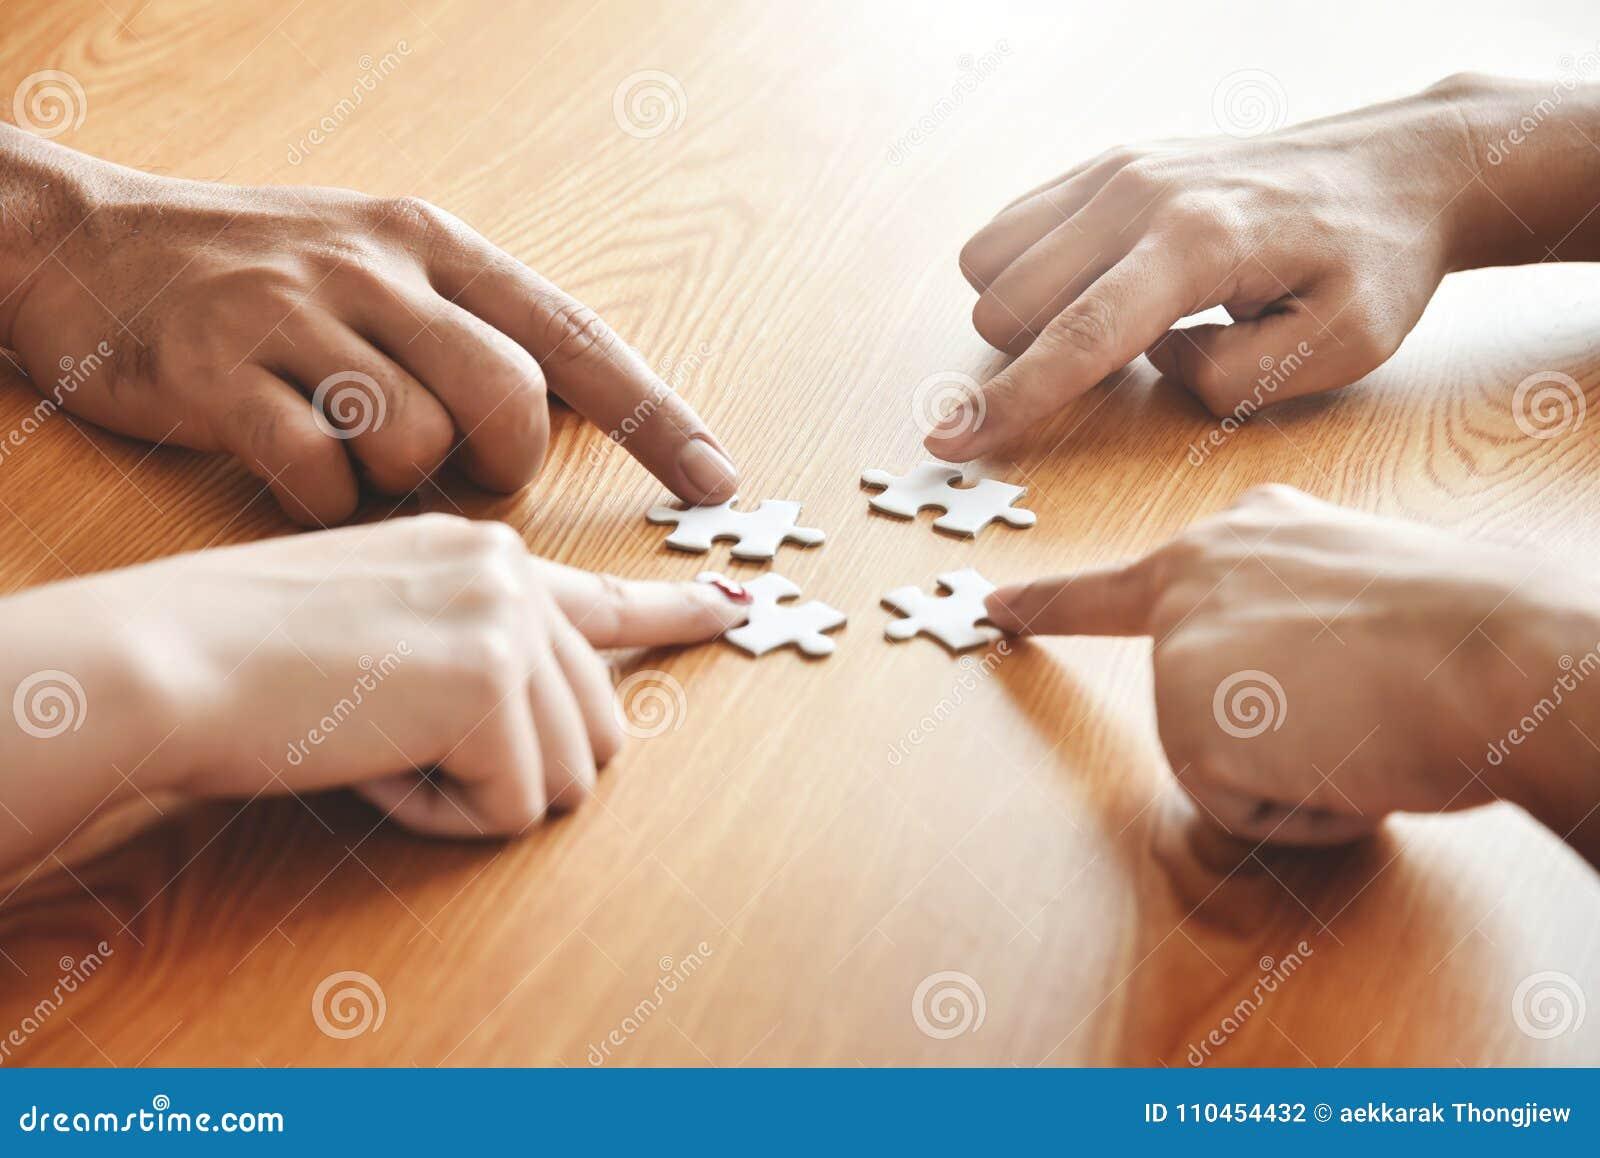 Gruppen av händer för affärsfolk rymmer pusslet